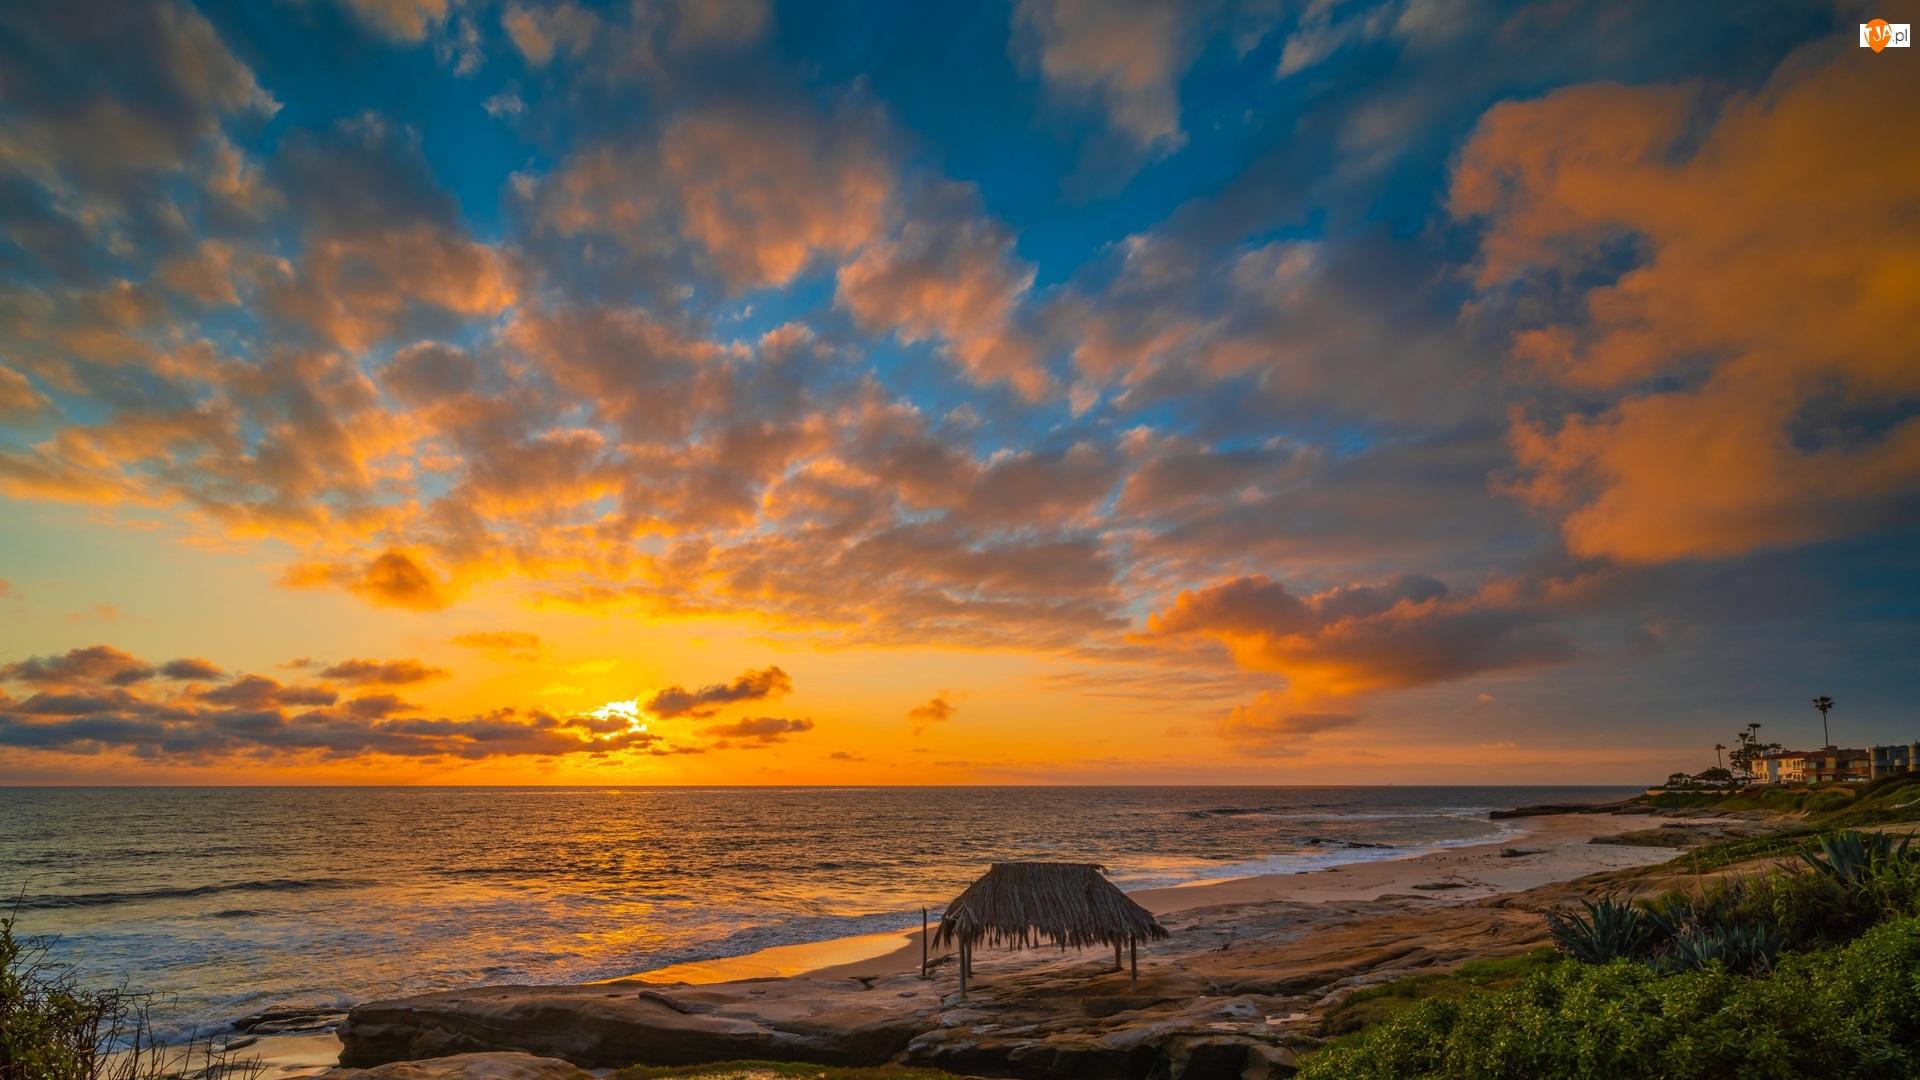 Wybrzeże, Morze, Domy, Chmury, Plaża, Zachód słońca